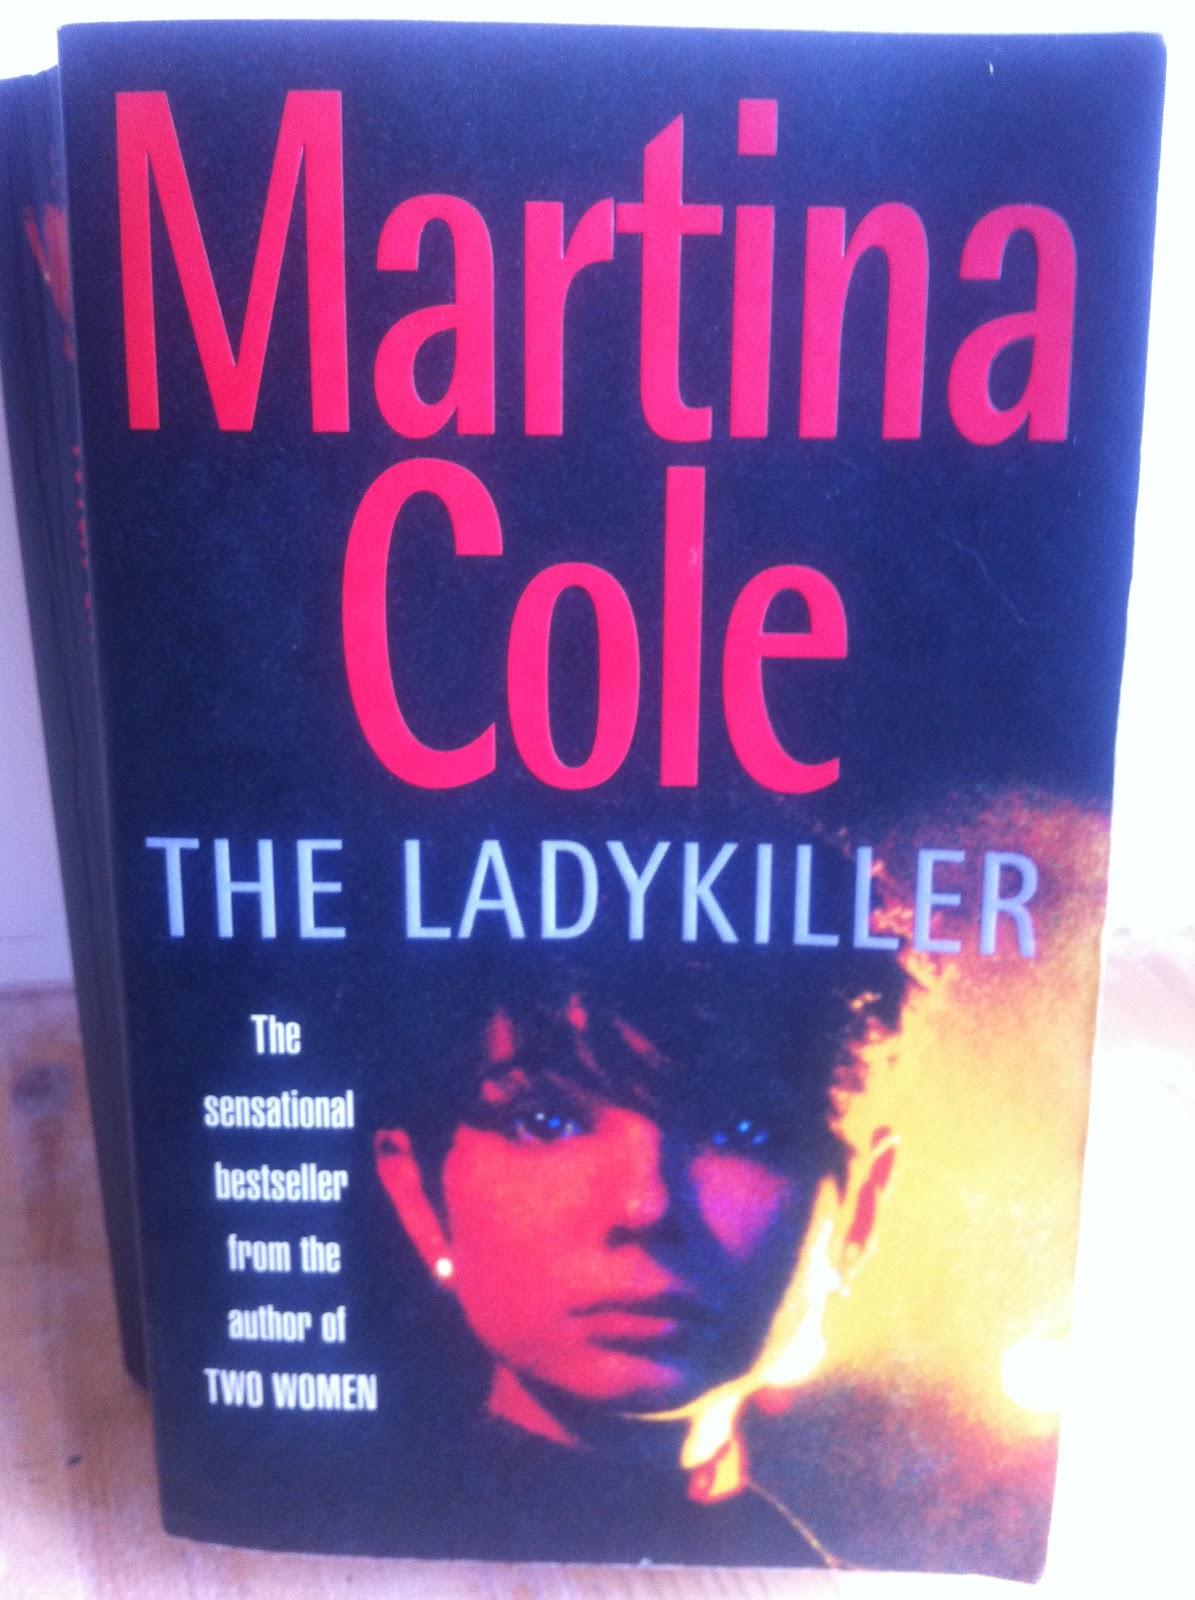 martina cole book reviews